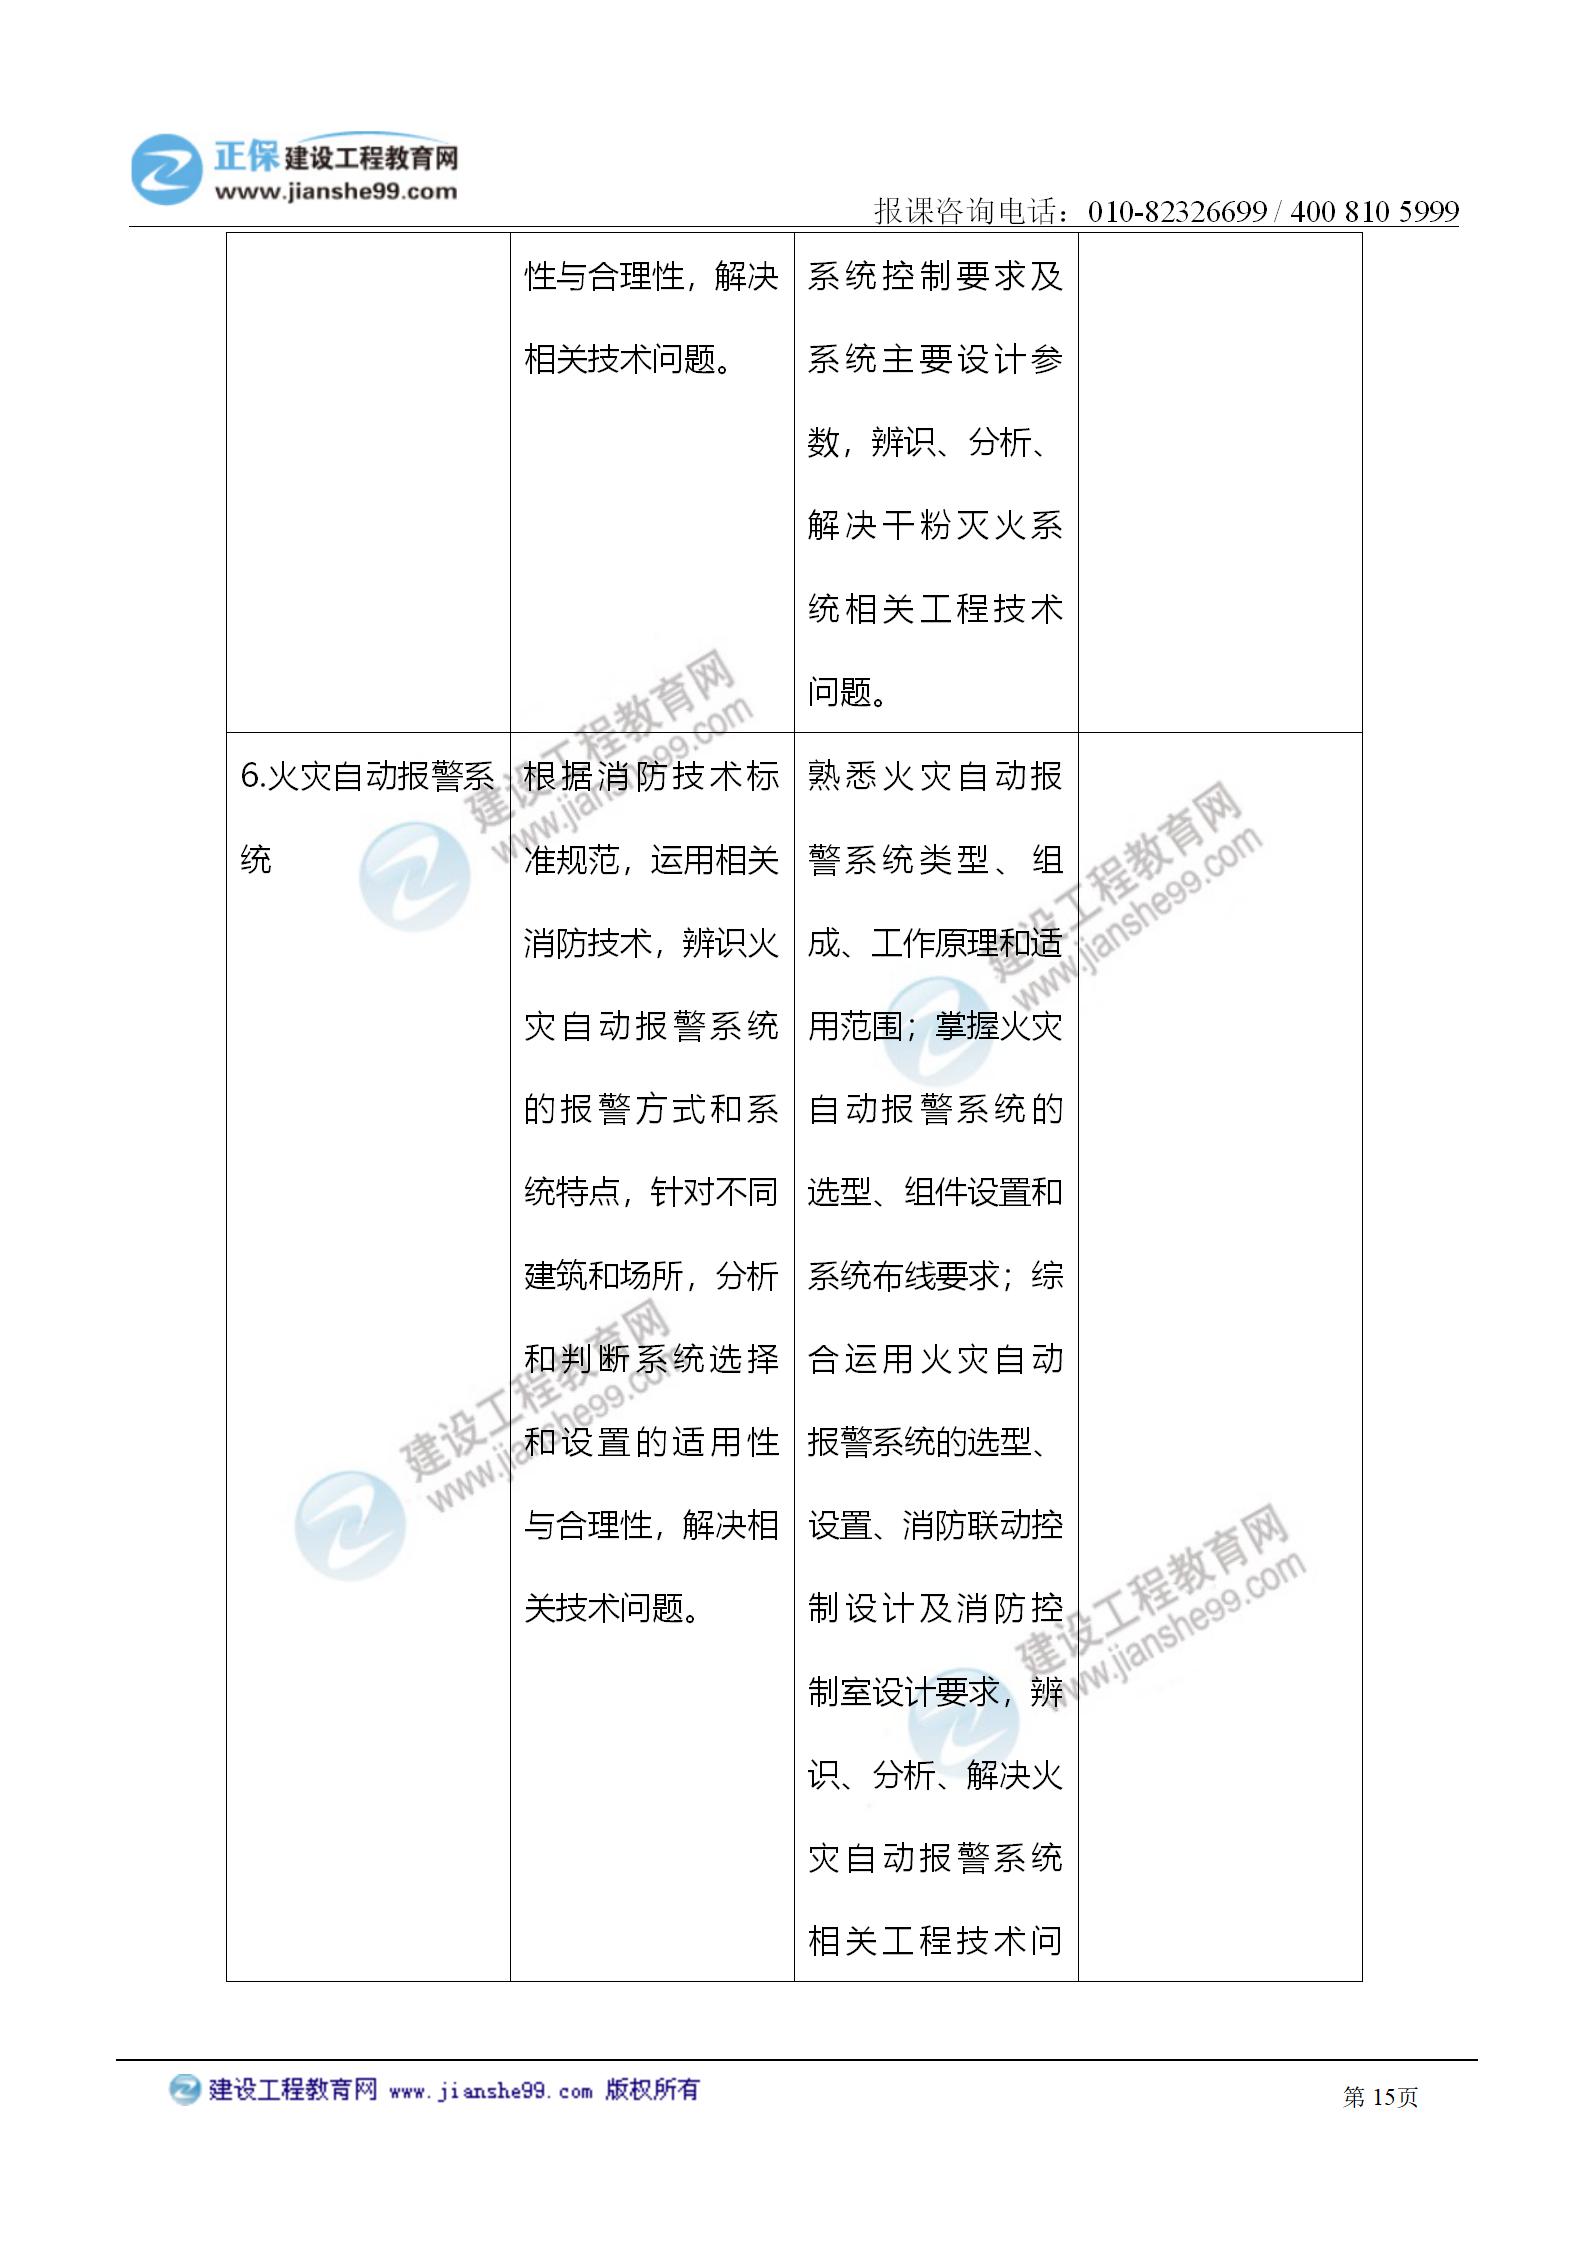 2021注册消防工程师《技术实务》考试大纲变化情况_15